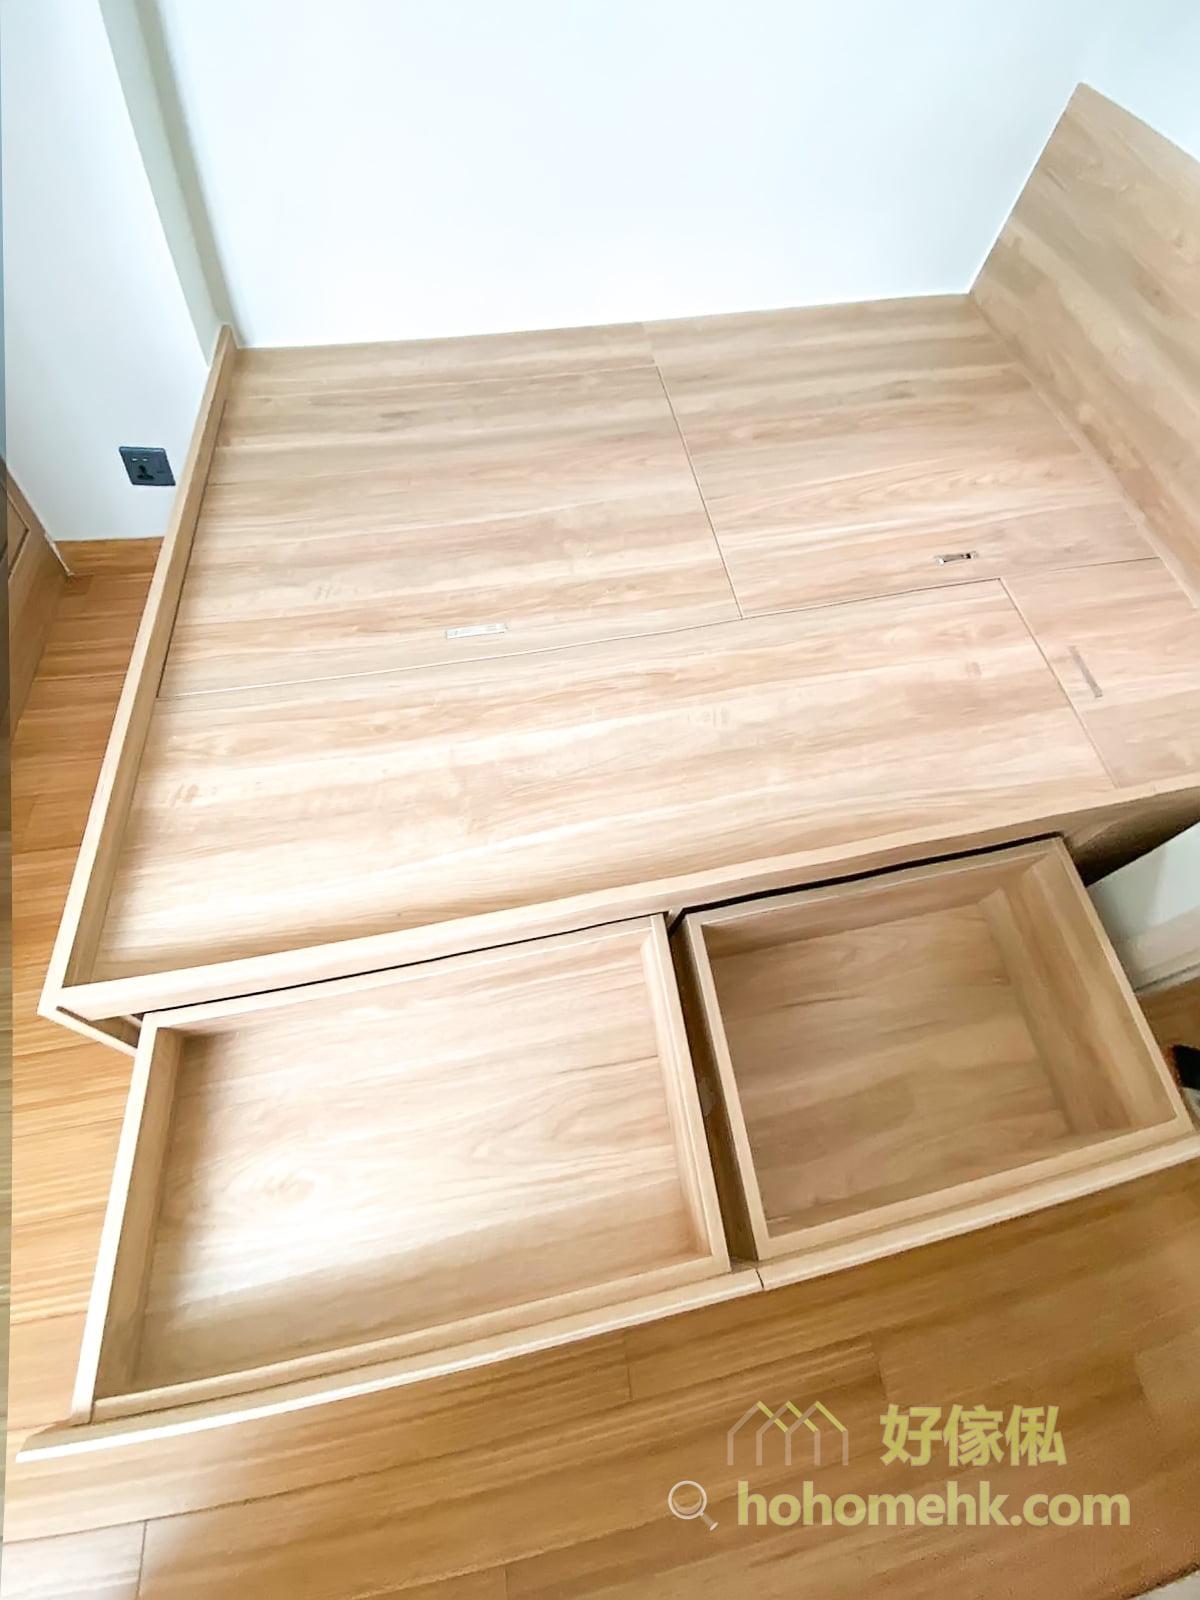 訂造地台床連衣櫃, 爭取最大的儲物空間